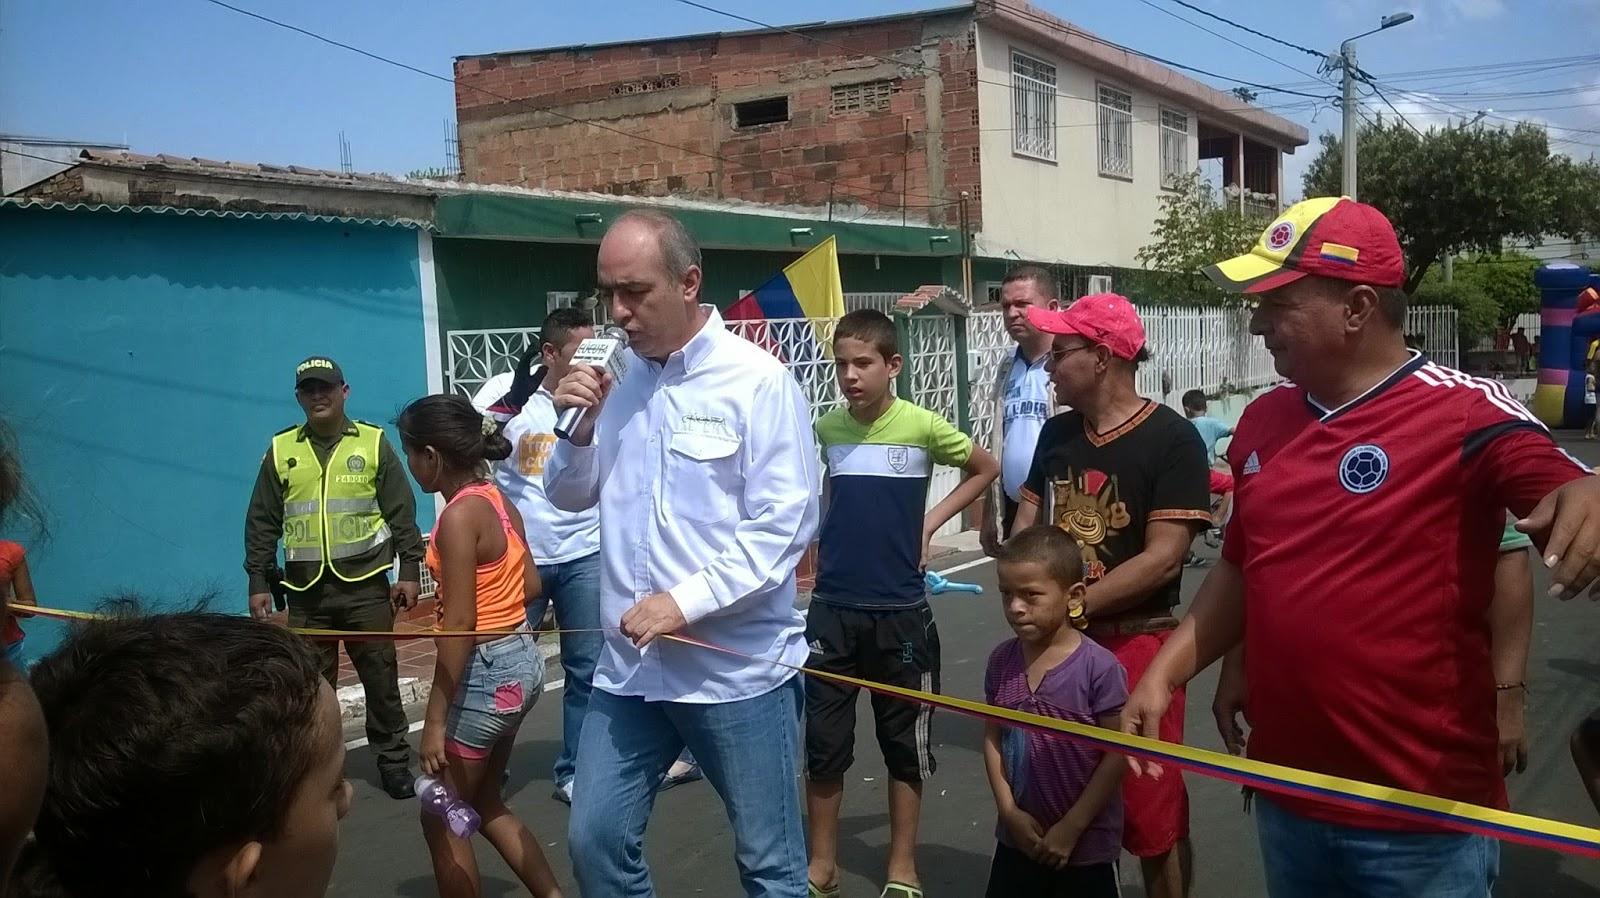 [Fotos-audio-video] Alcalde Donamaris inaugura pavimentación y señalización en calle 0 como 'la calle de la pasión' en Chapinero de Cúcuta #FronteraNOTICIAS